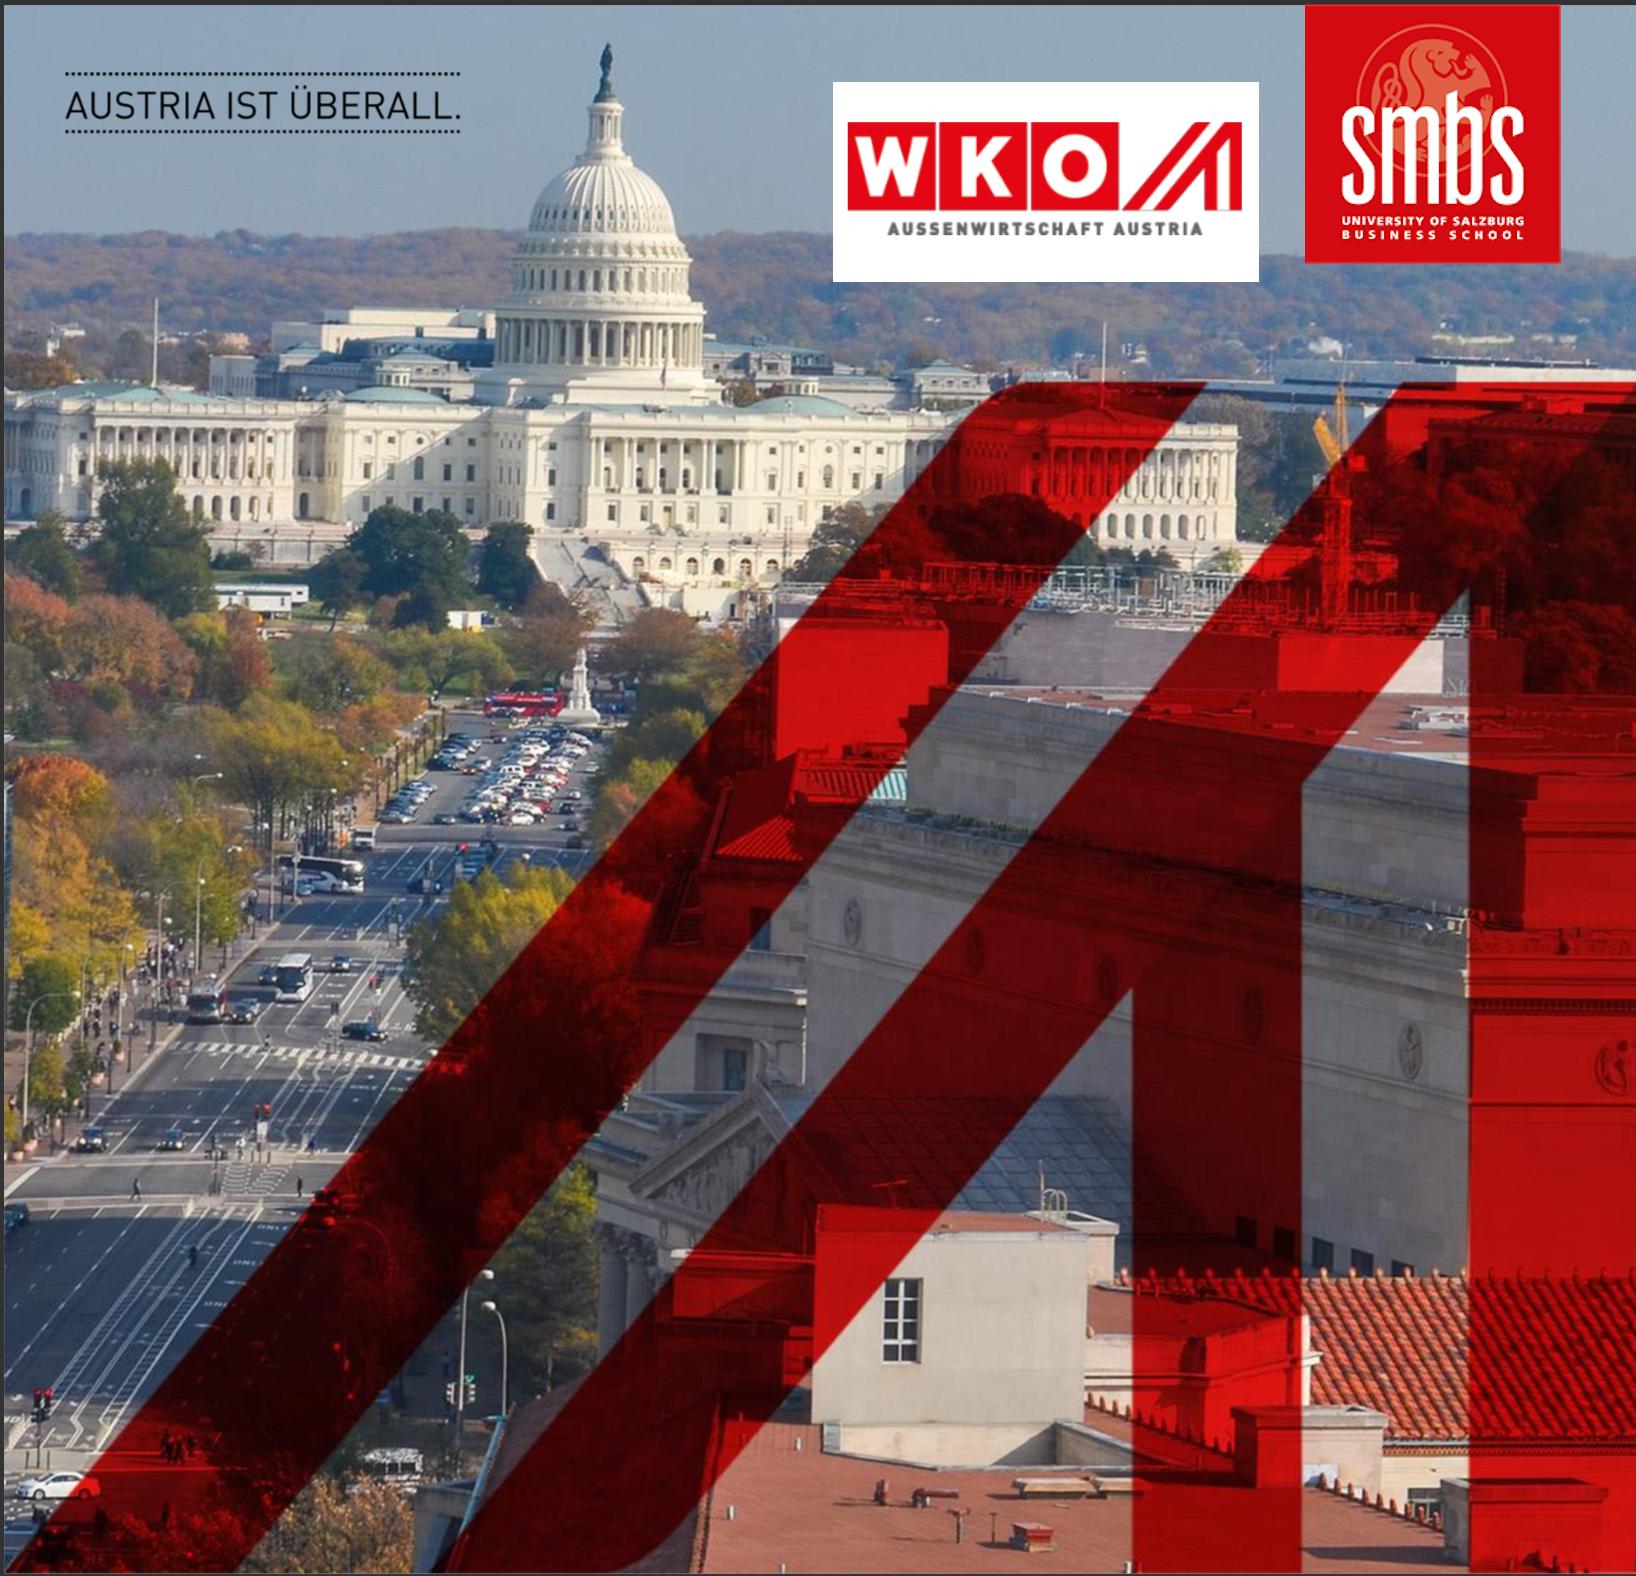 Bild von Washington D.C. mit Logo von WKO und SMBS